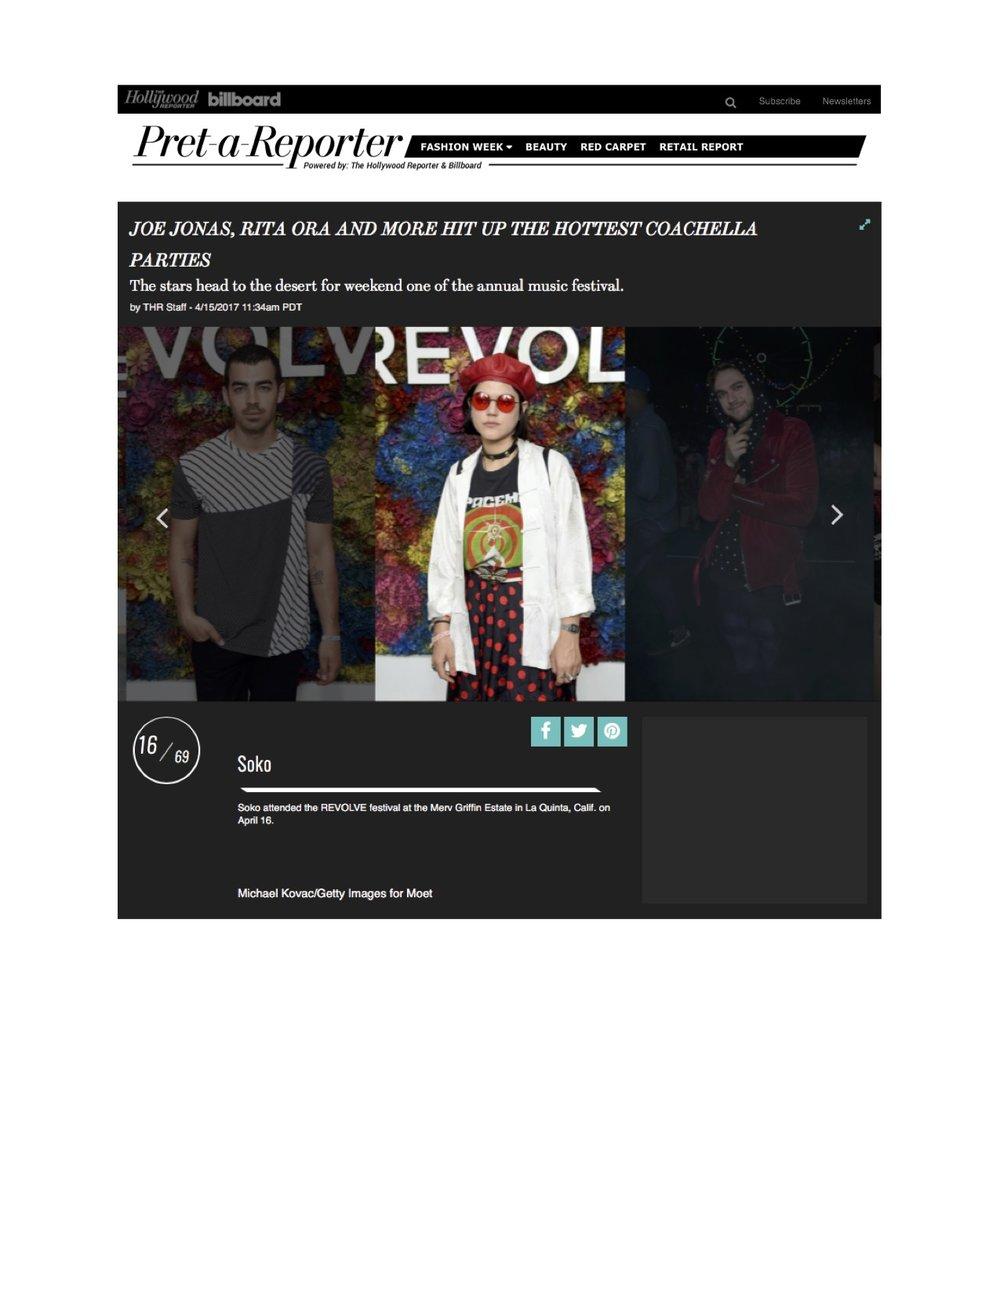 HollywoodReporter.com - Soko - REVOLVE Festival 3.jpg